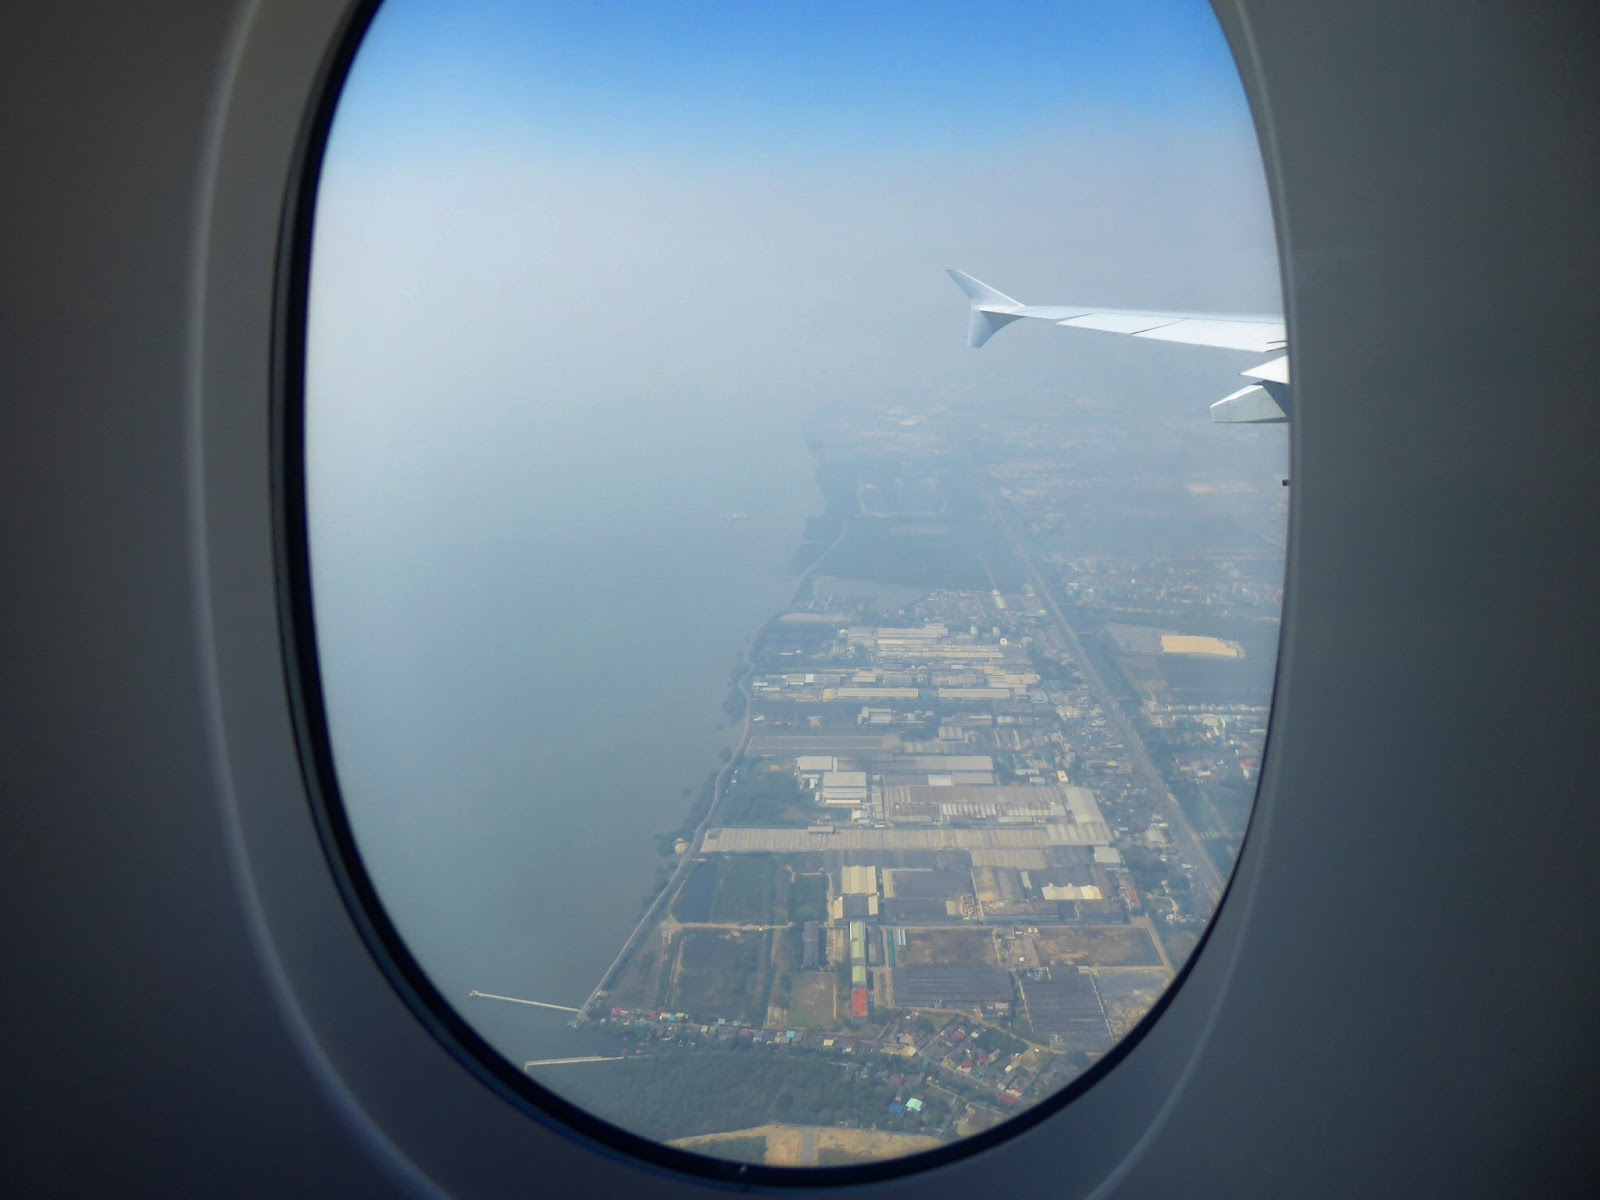 Erfahrungen mit leitner reisen